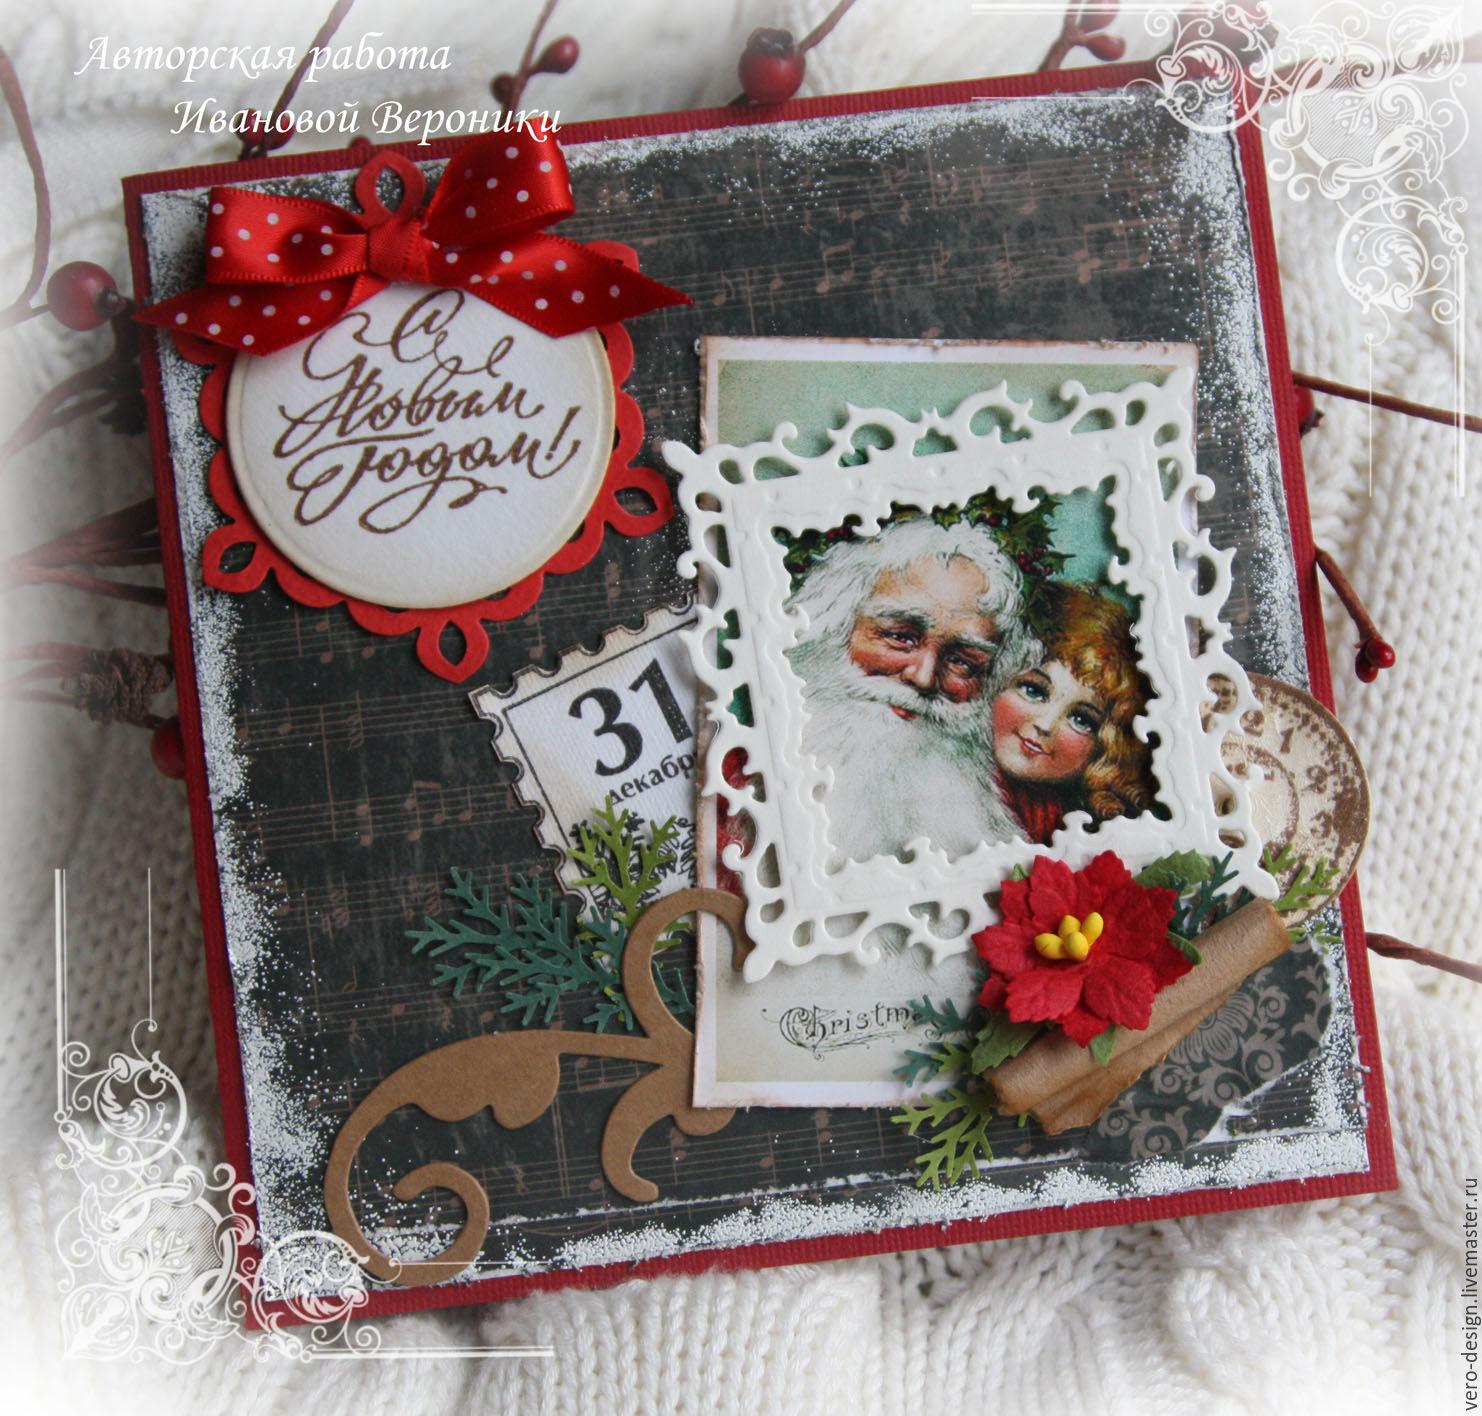 Разработка новогодних открытки